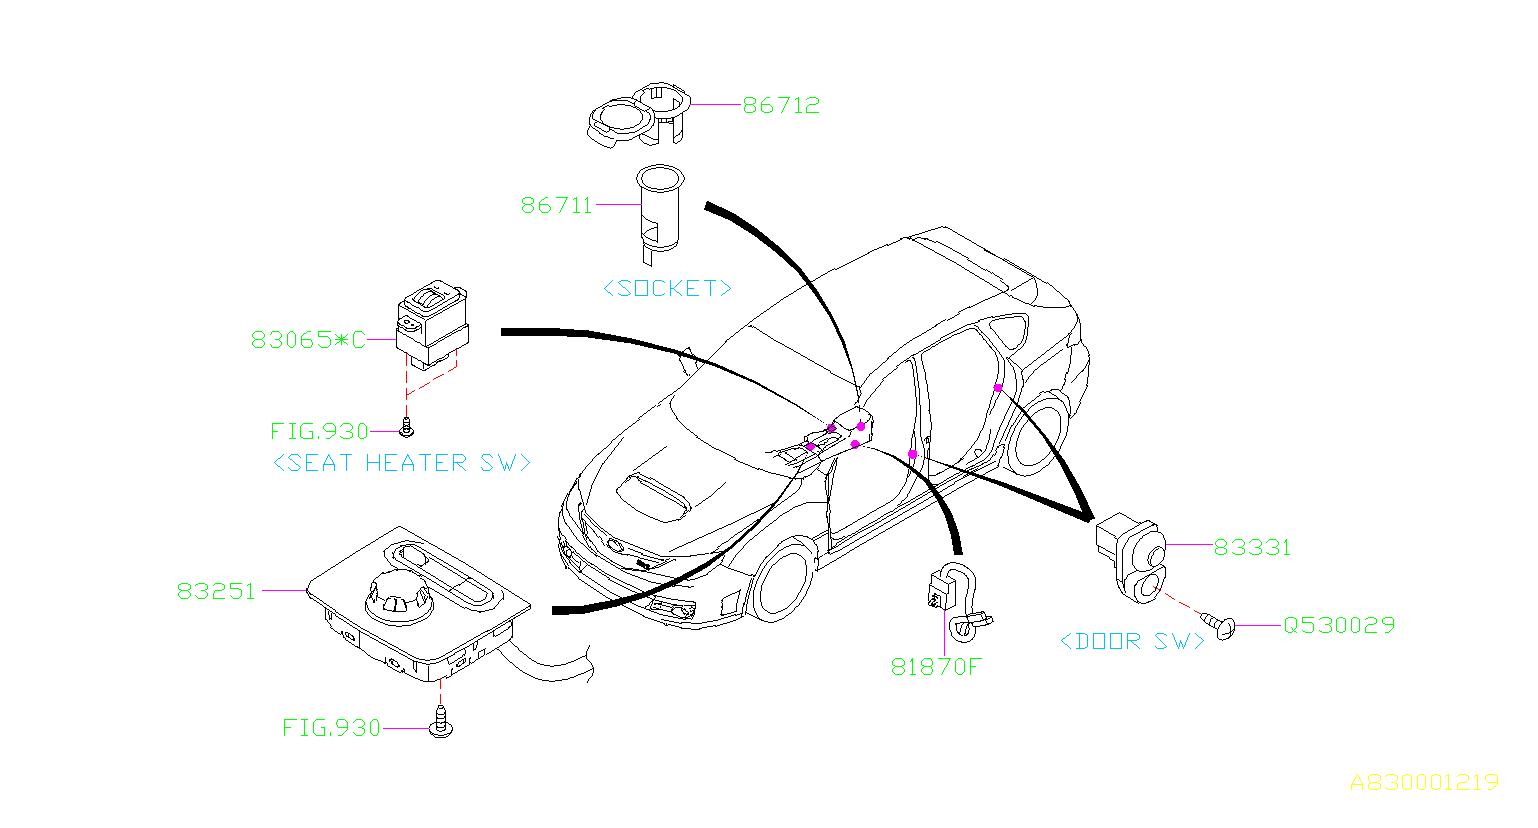 2014 Subaru STI Switch assembly-multi select